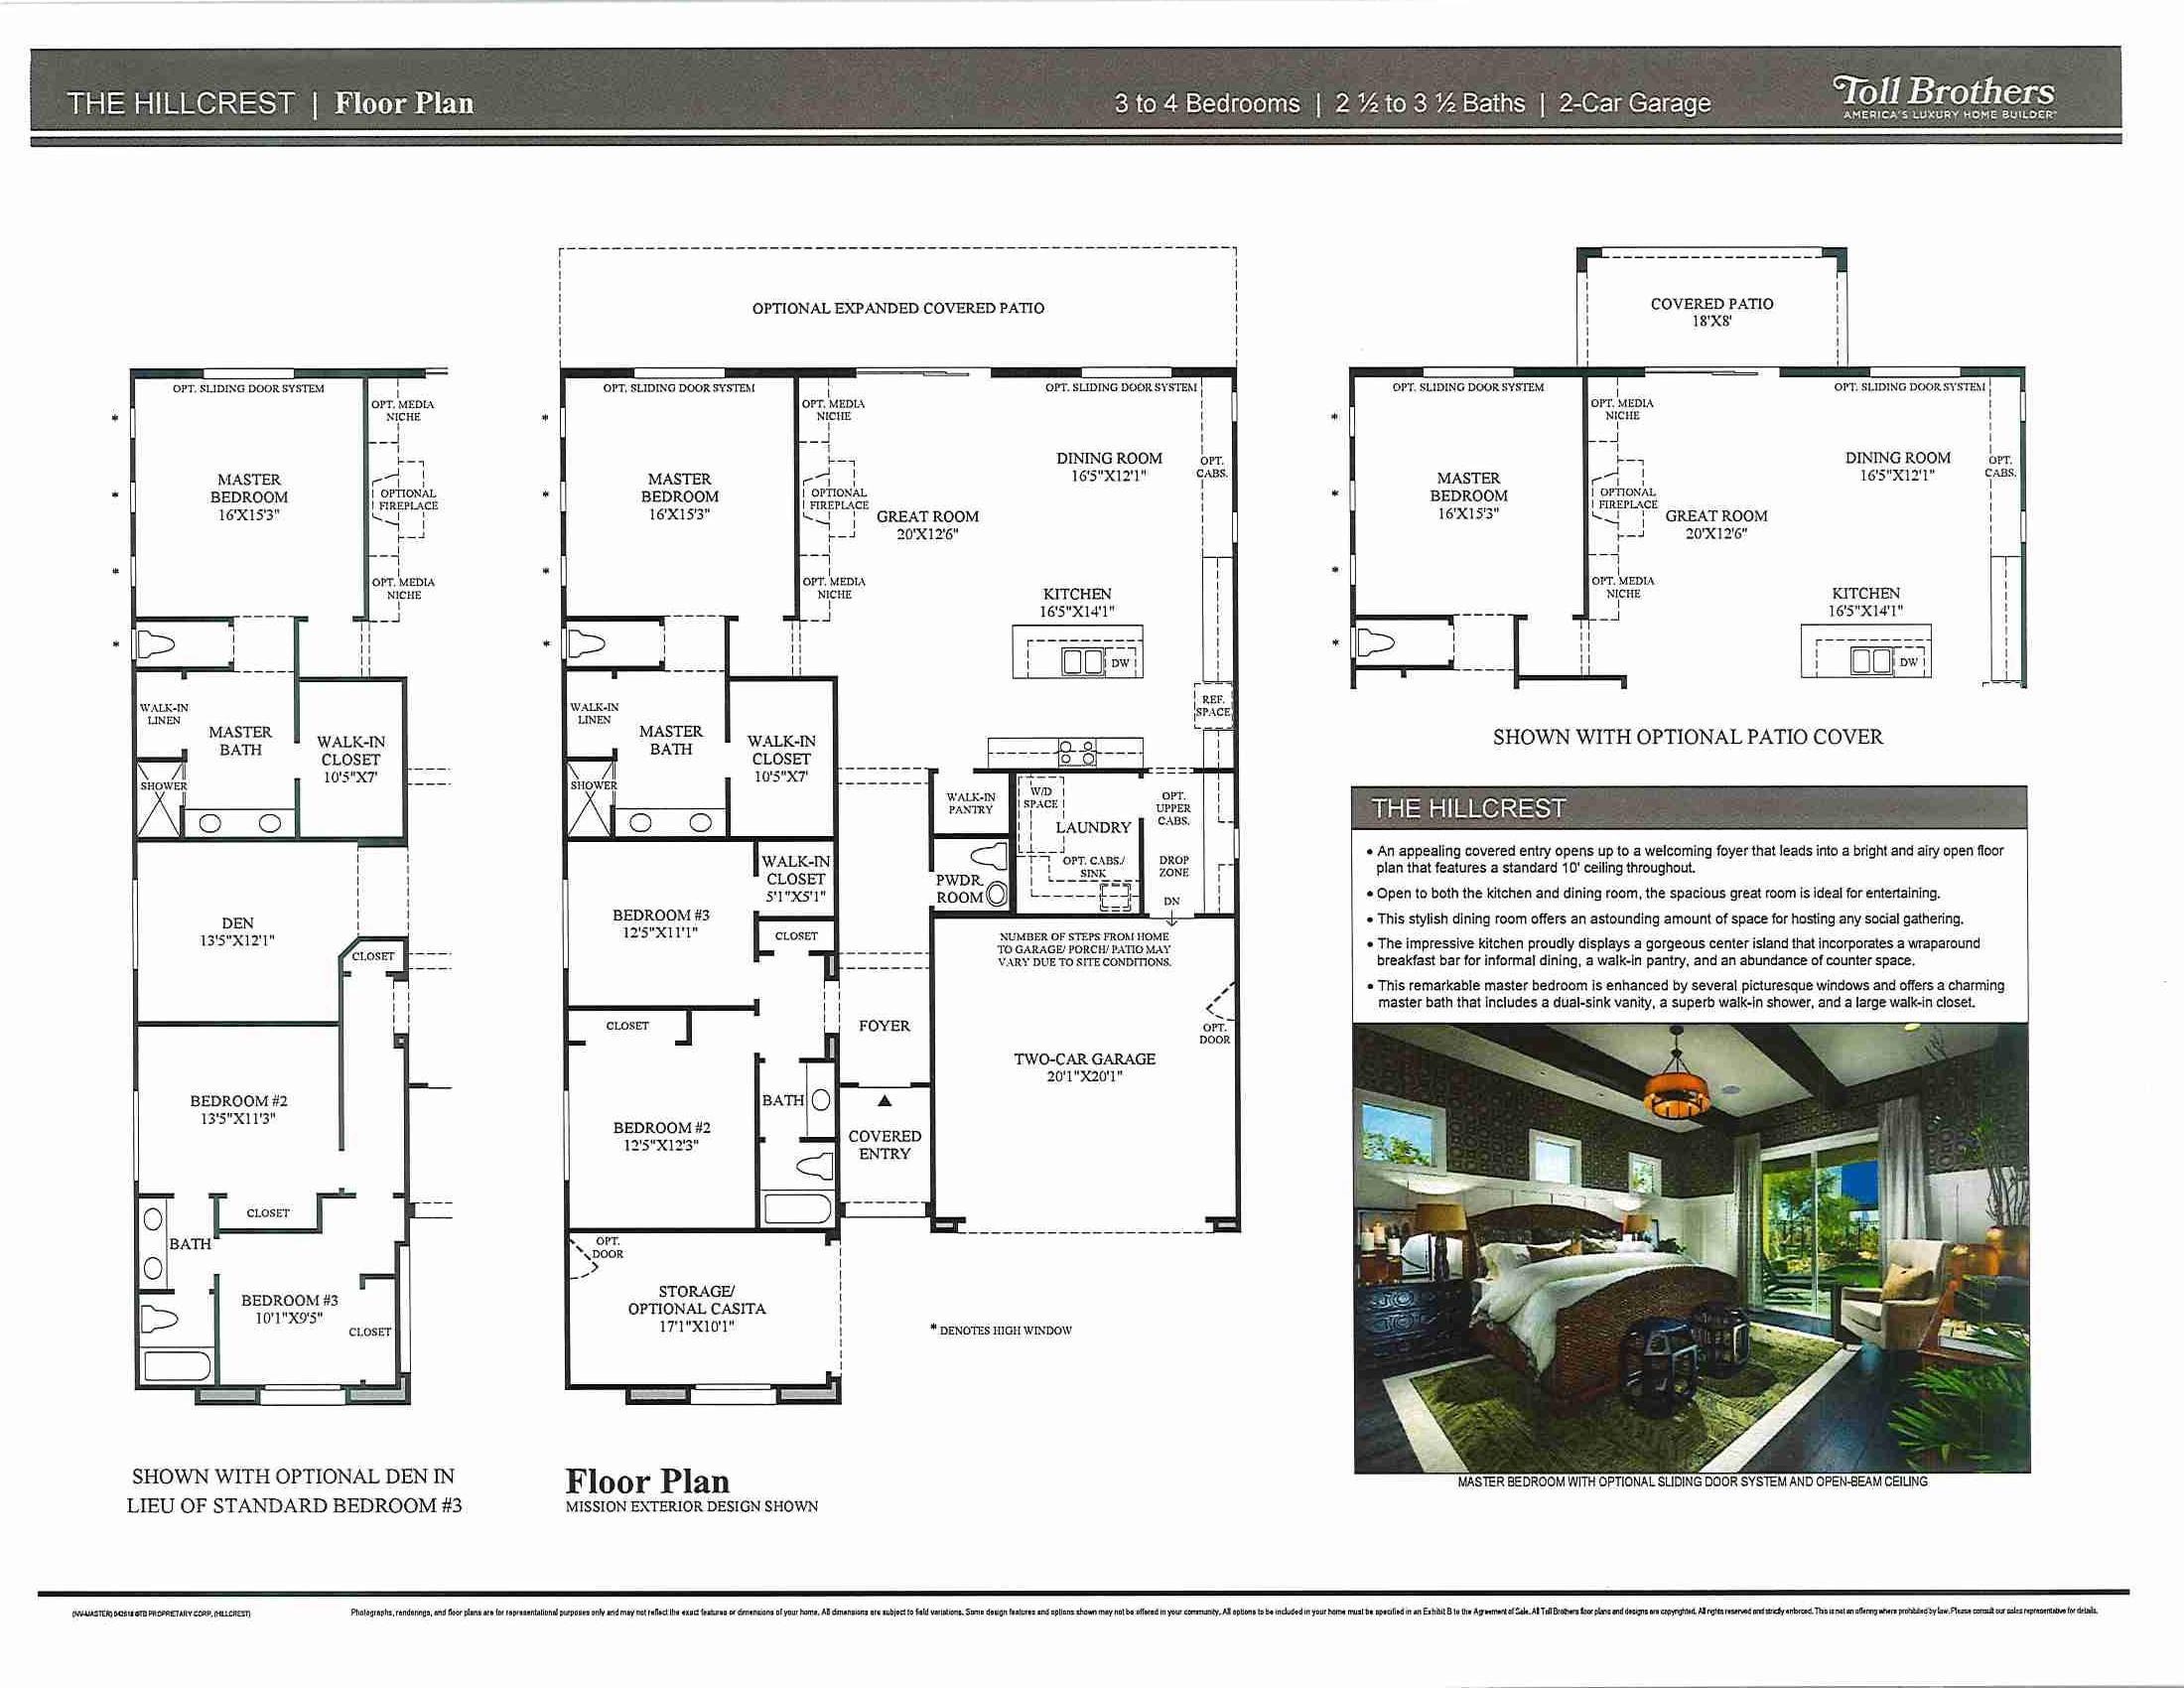 Floorplan for Hillcrest